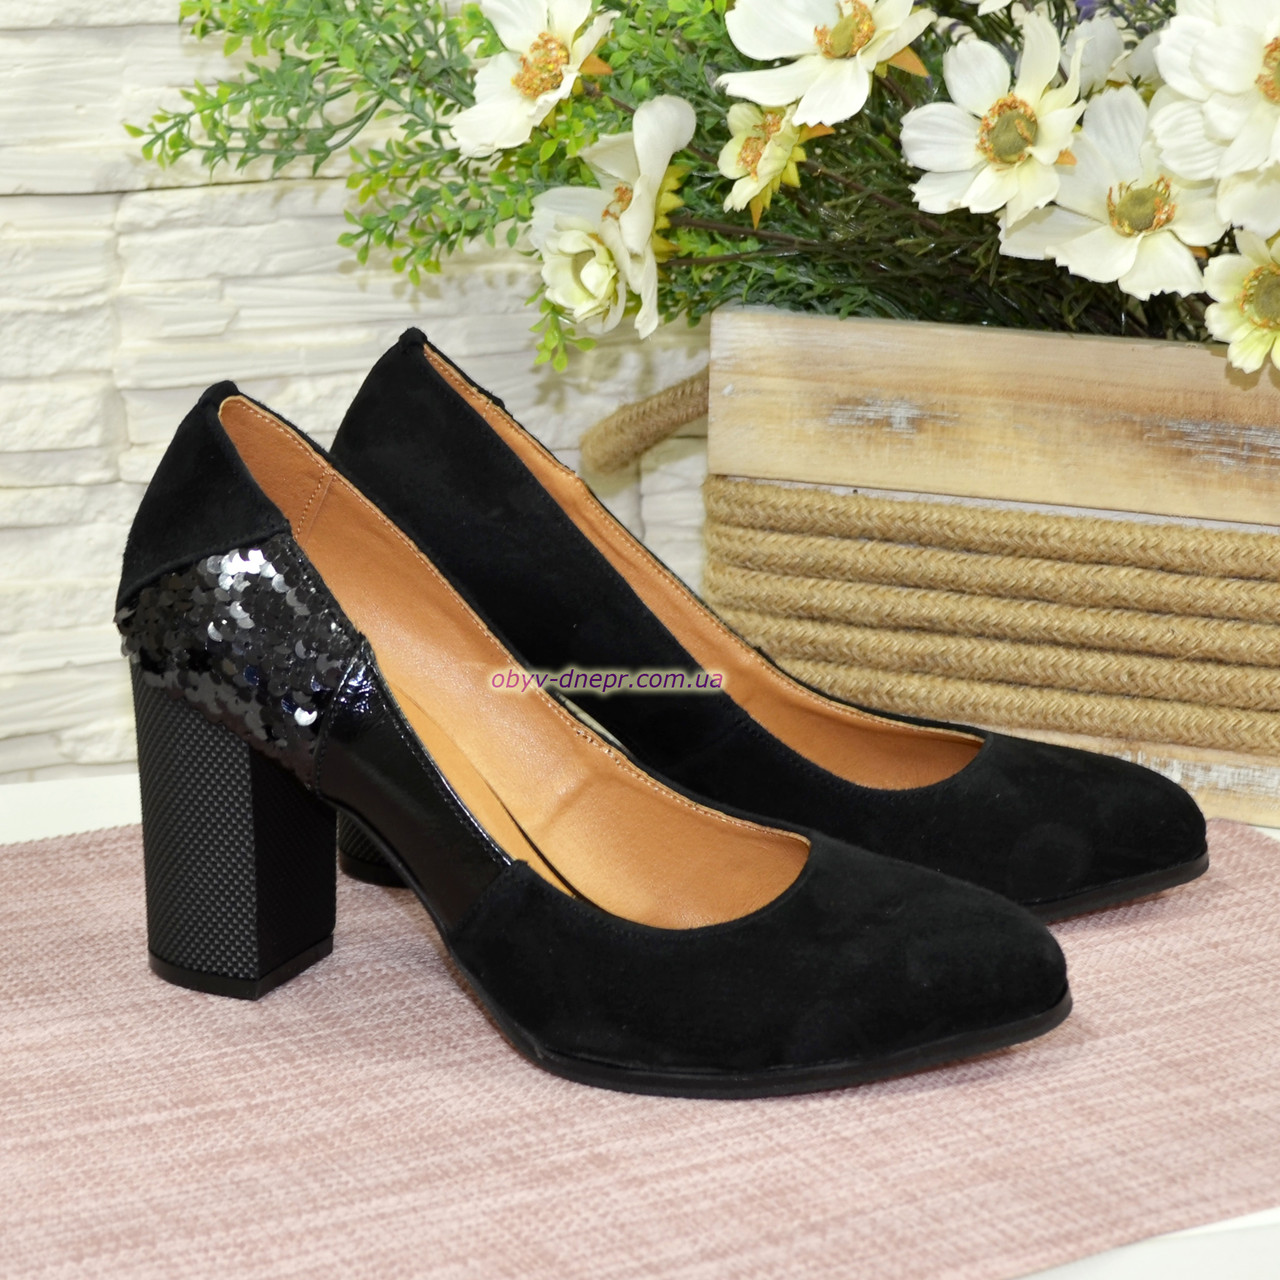 Женские туфли на устойчивом каблуке, цвет черный